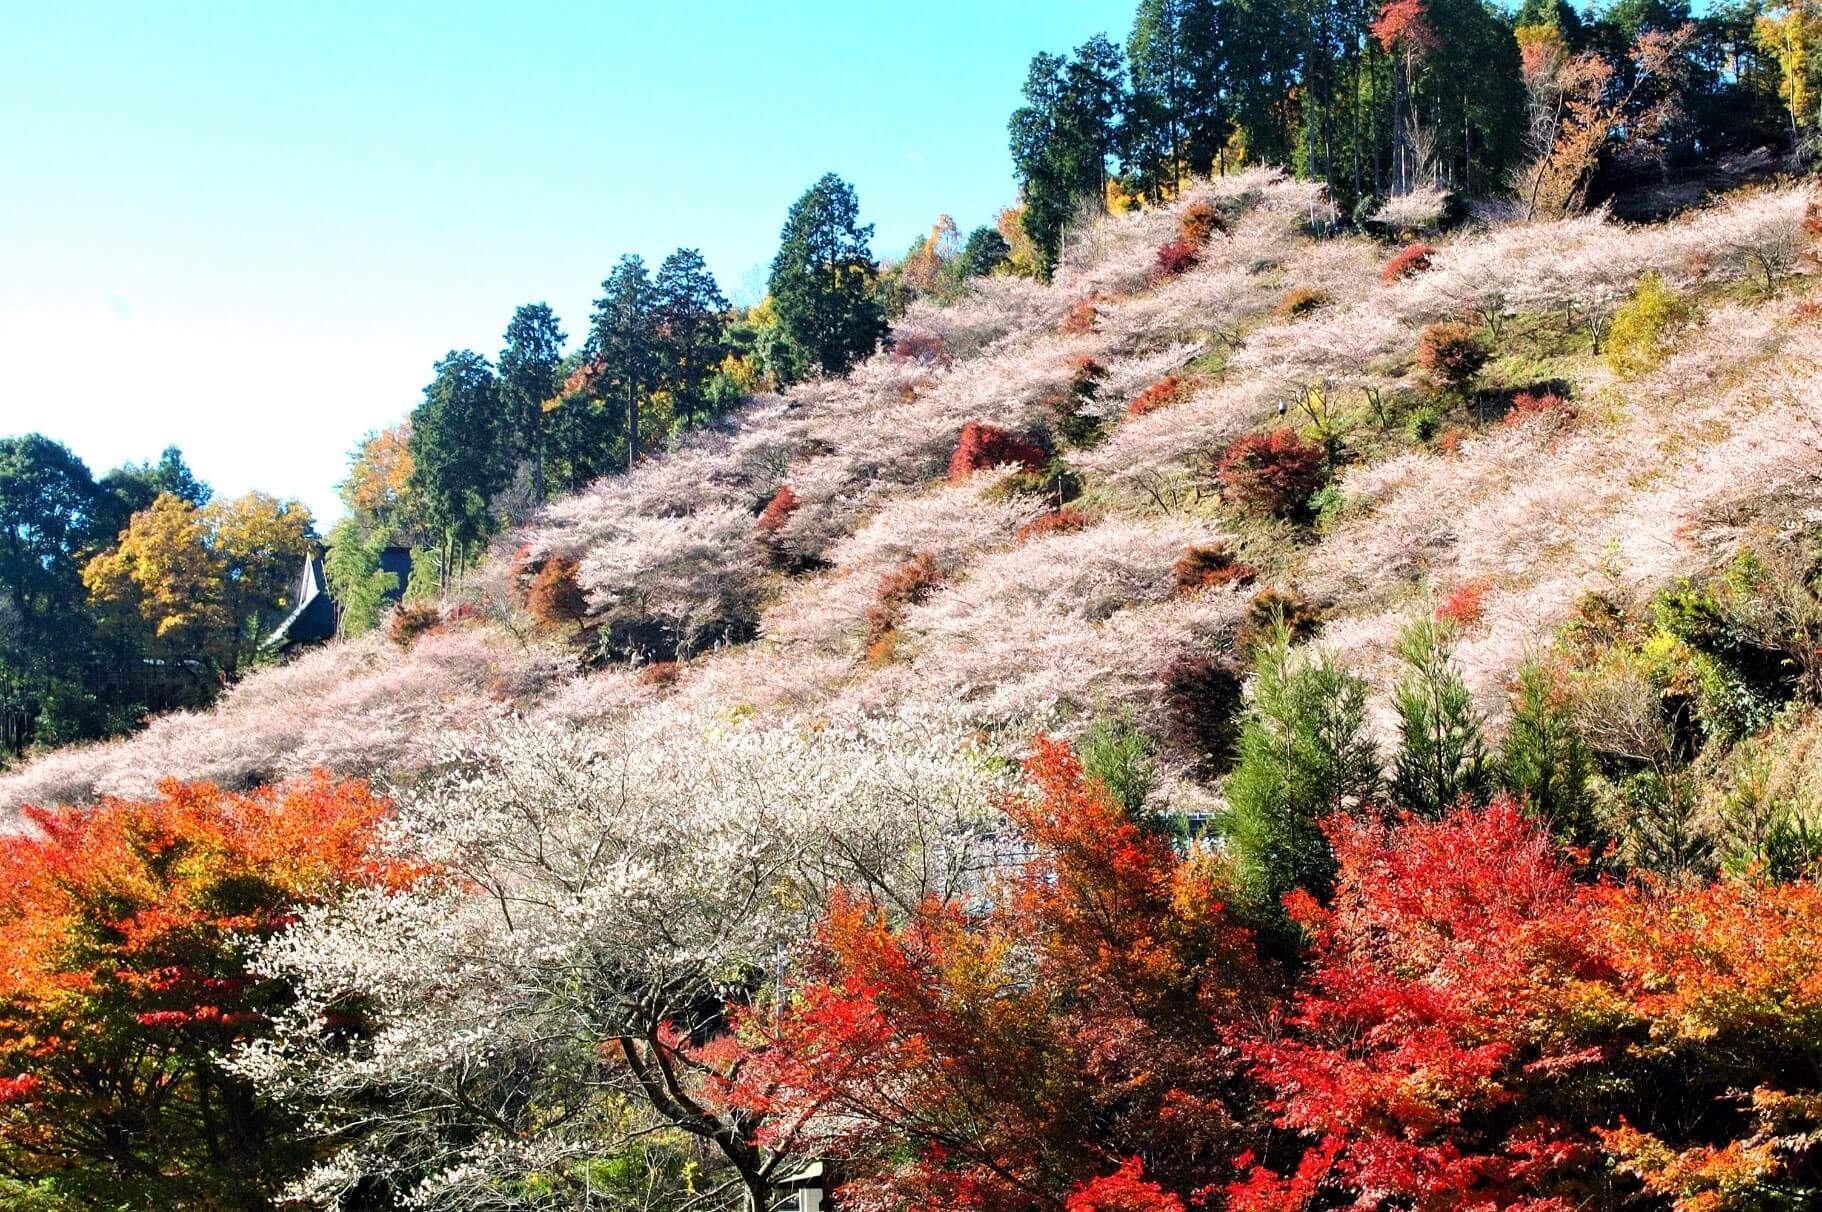 【国内・中部】 桜と紅葉の大共演!10000本の四季桜と蒲郡クラシックホテル滞在